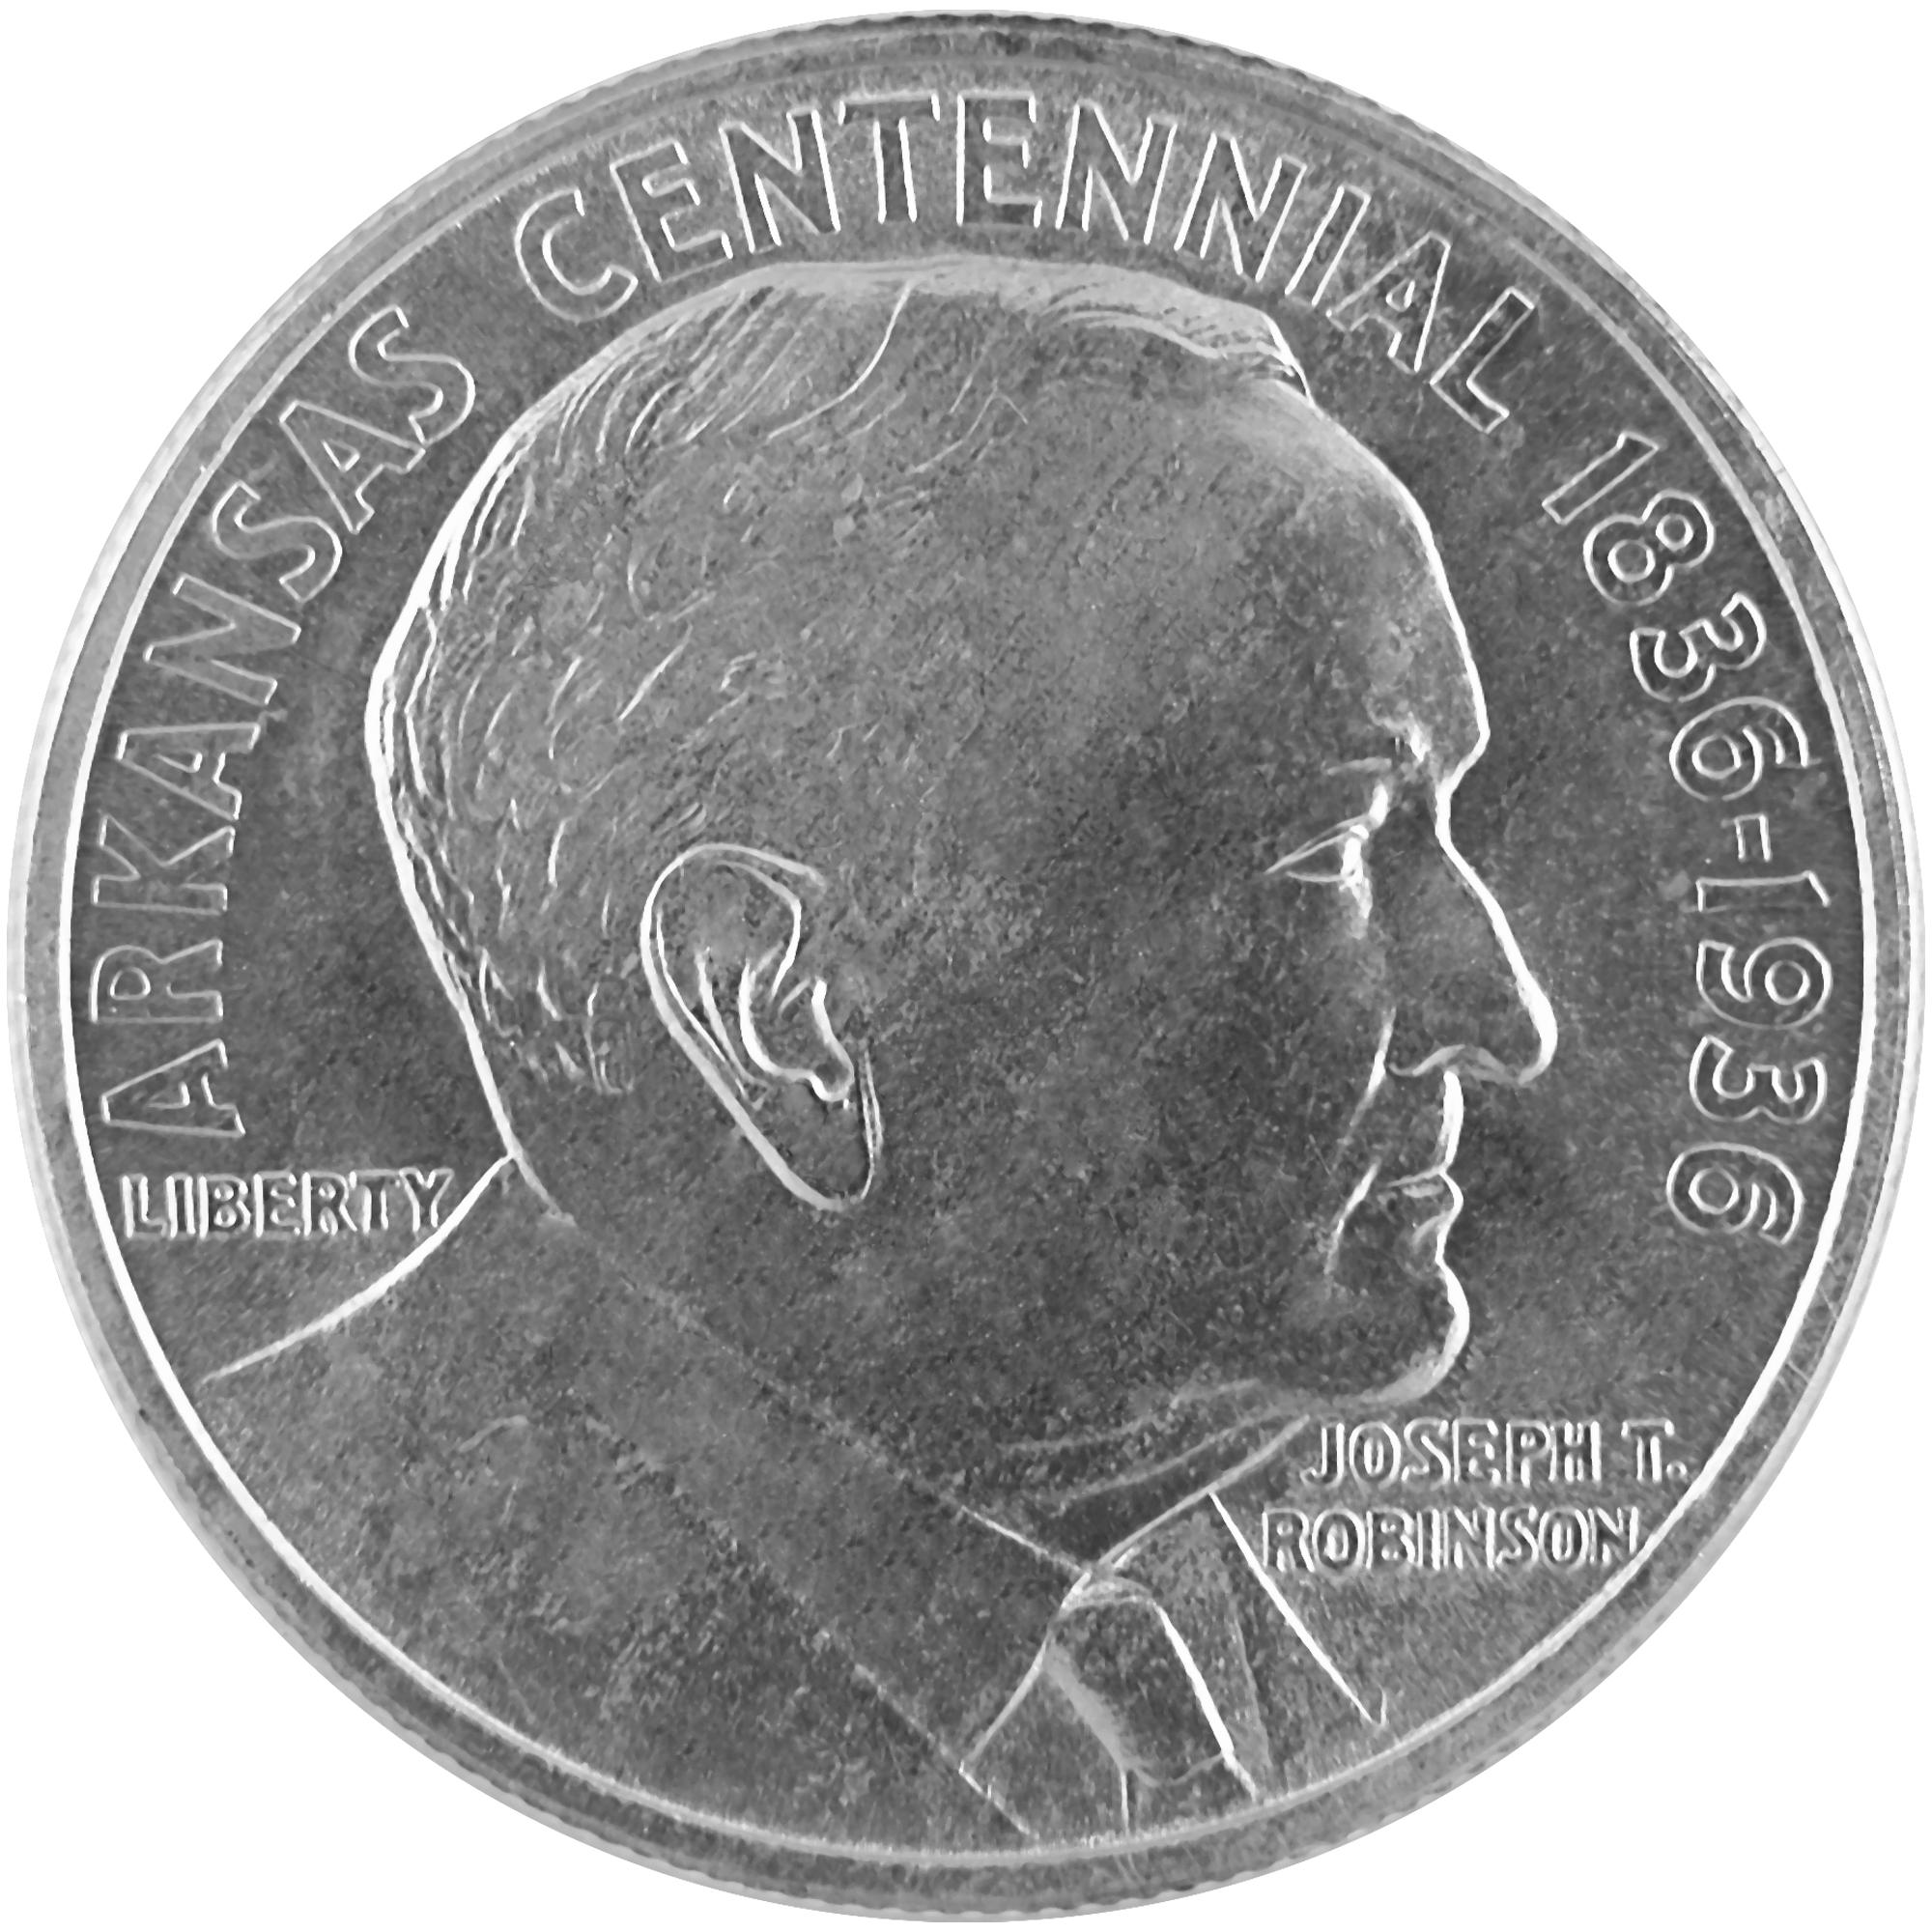 1936 Arkansas Centennial Joseph T. Robinson Commemorative Silver Half Dollar Coin Reverse